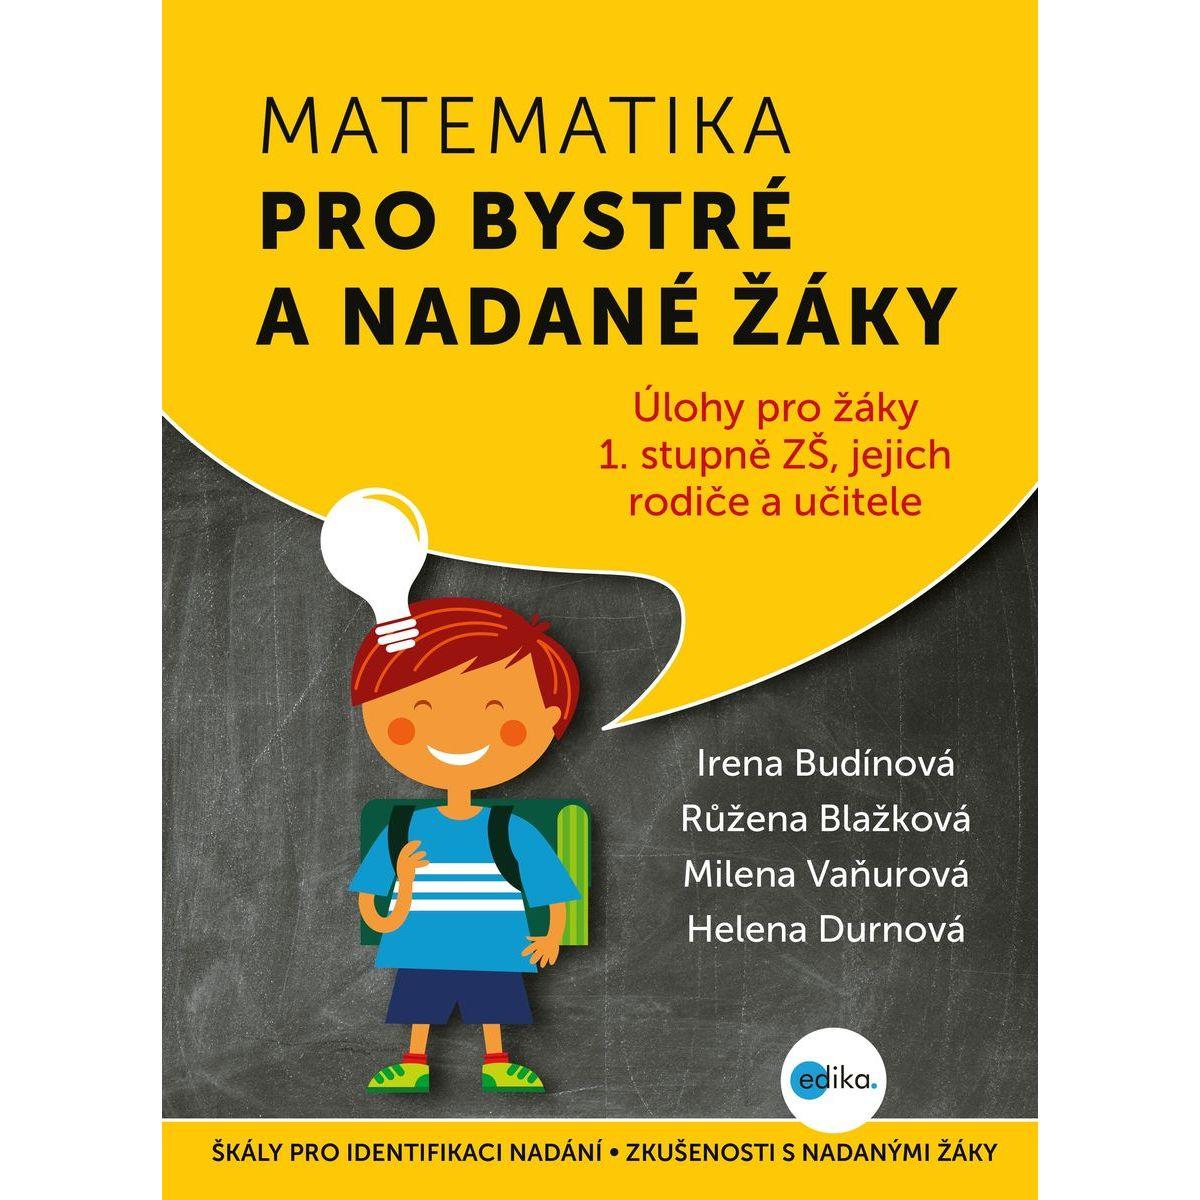 Matematika pro bystré a nadané žáky - Irena Budínová, Růžena Blažková